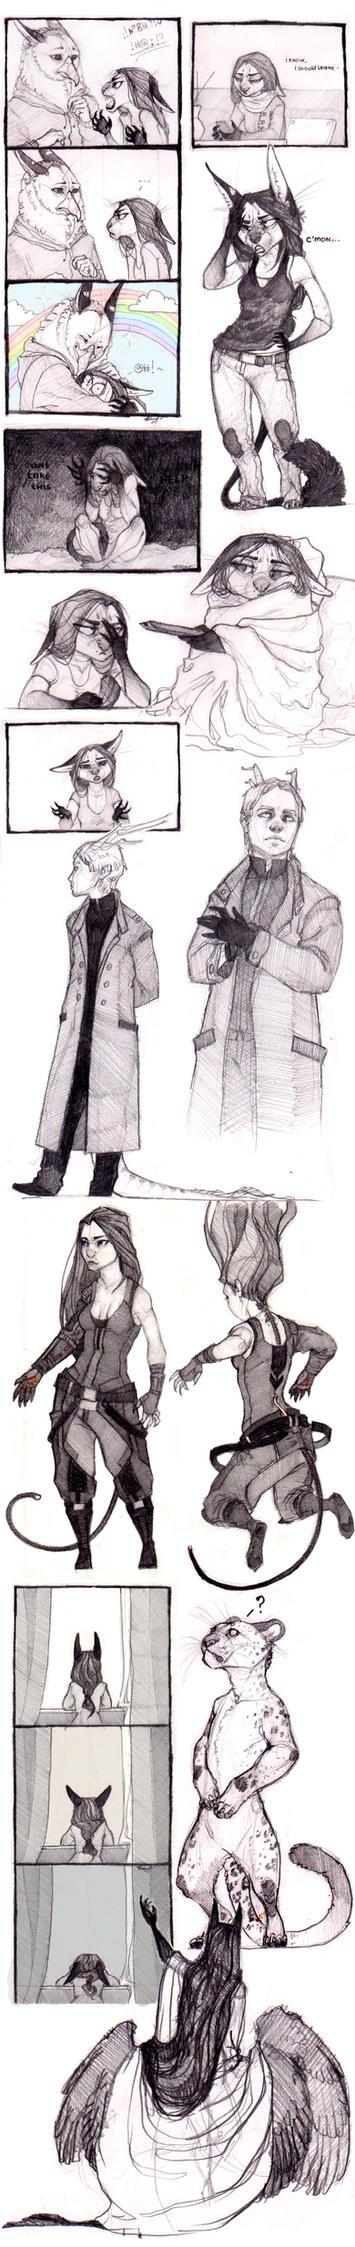 SketchStuff 7 by REYKAT